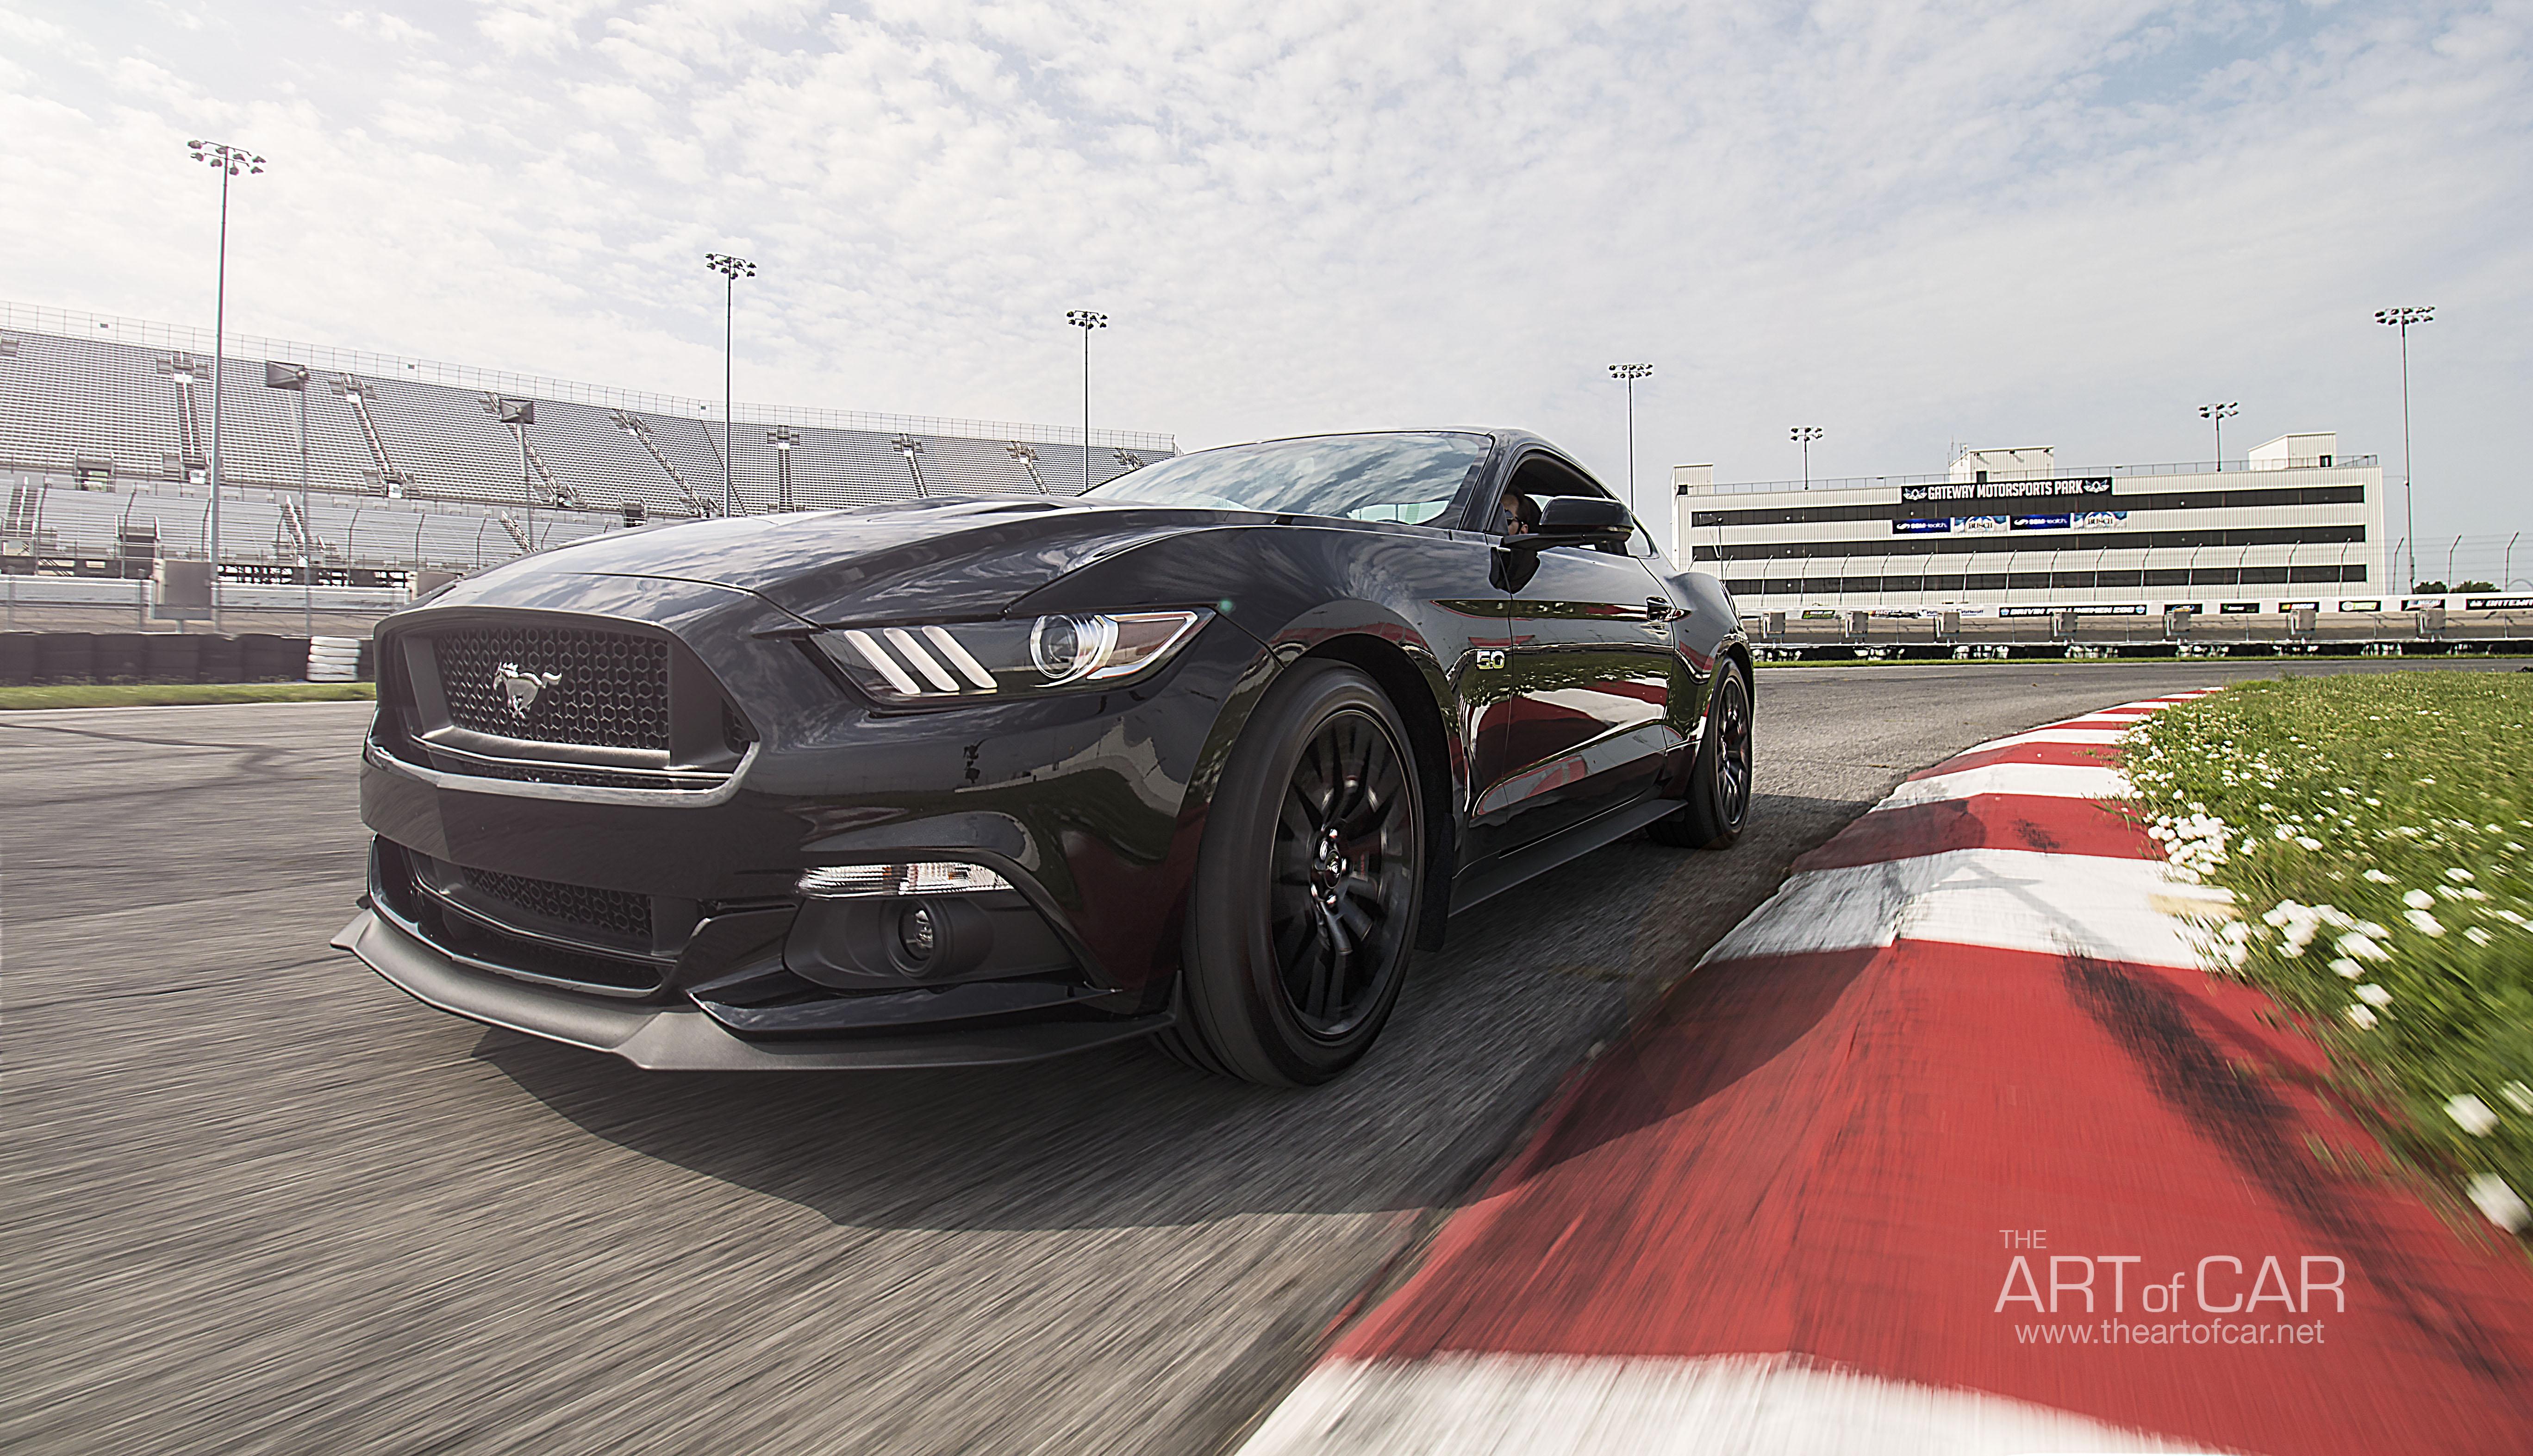 S550 Mustang